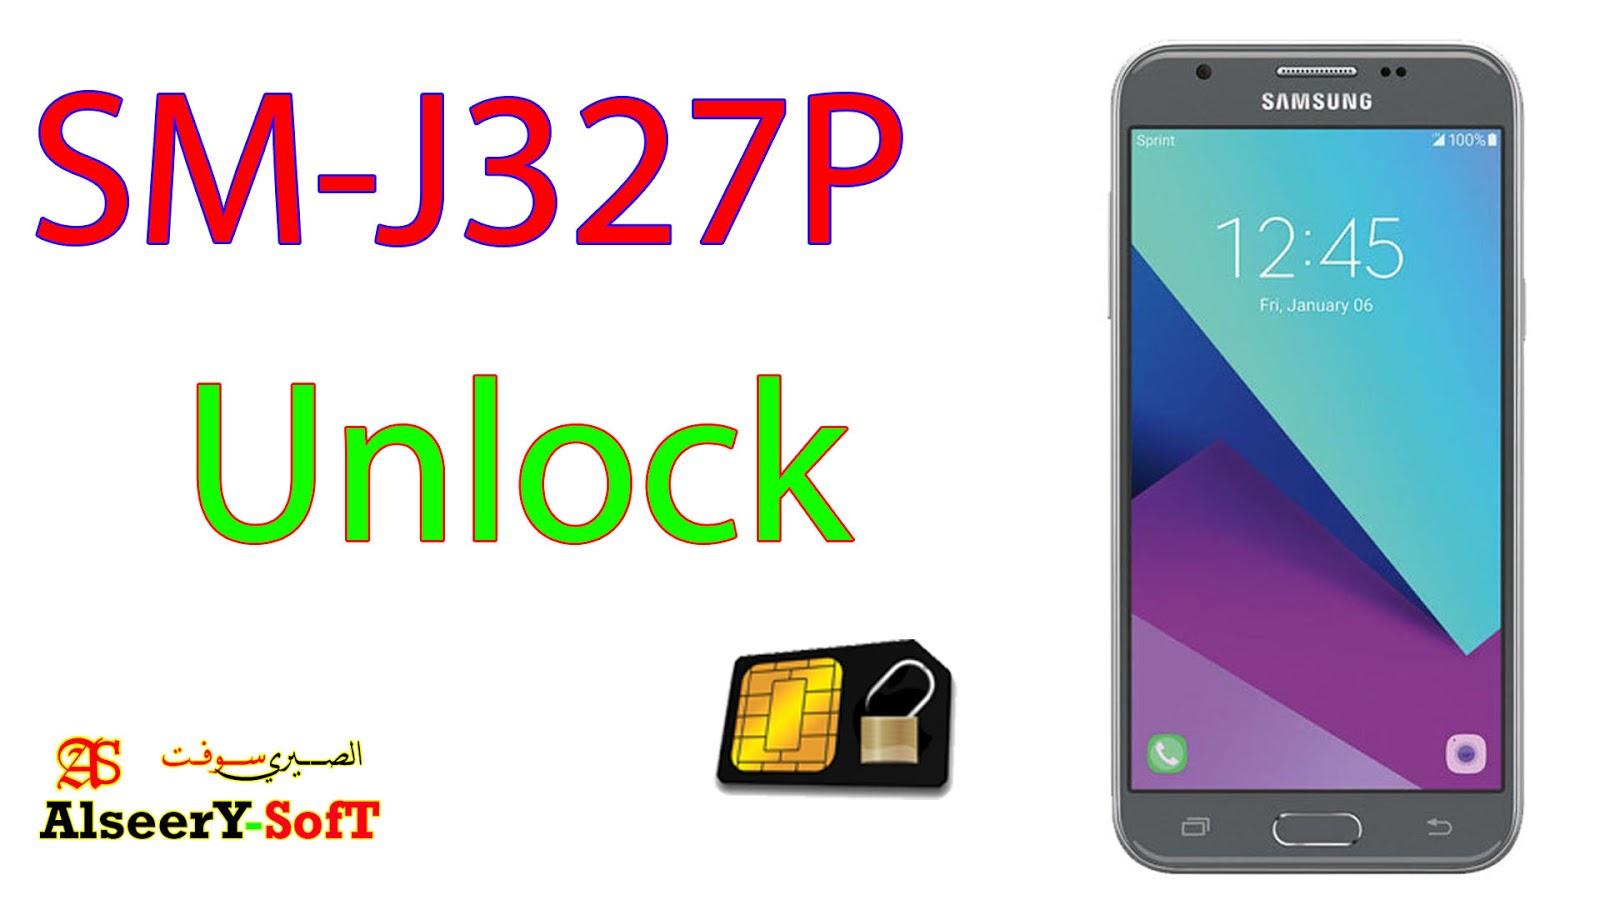 Unlock SAMSUNG J3 SM-J327P U4 - AlseerY SofT